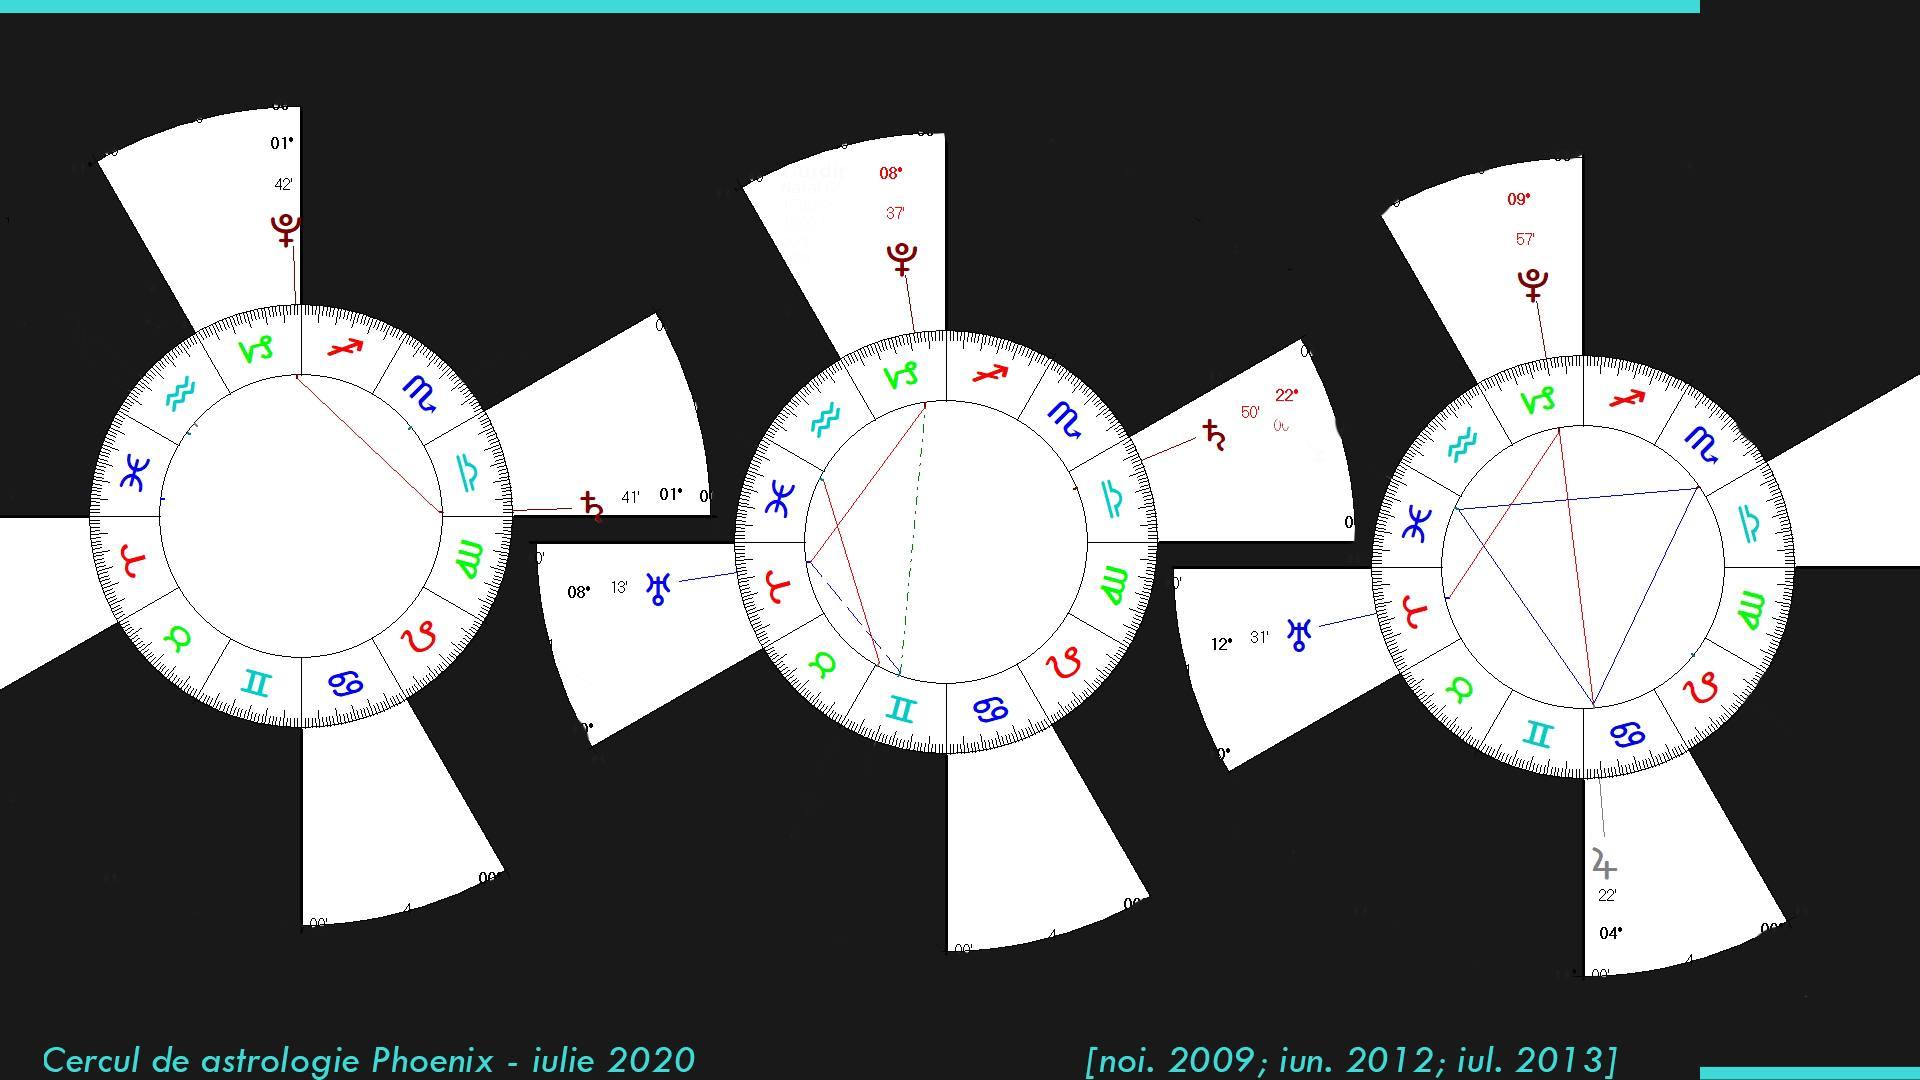 14 iulie 2020: despre careurile pe zodii cardinale, la Cercul Phoenix, pe Zoom!